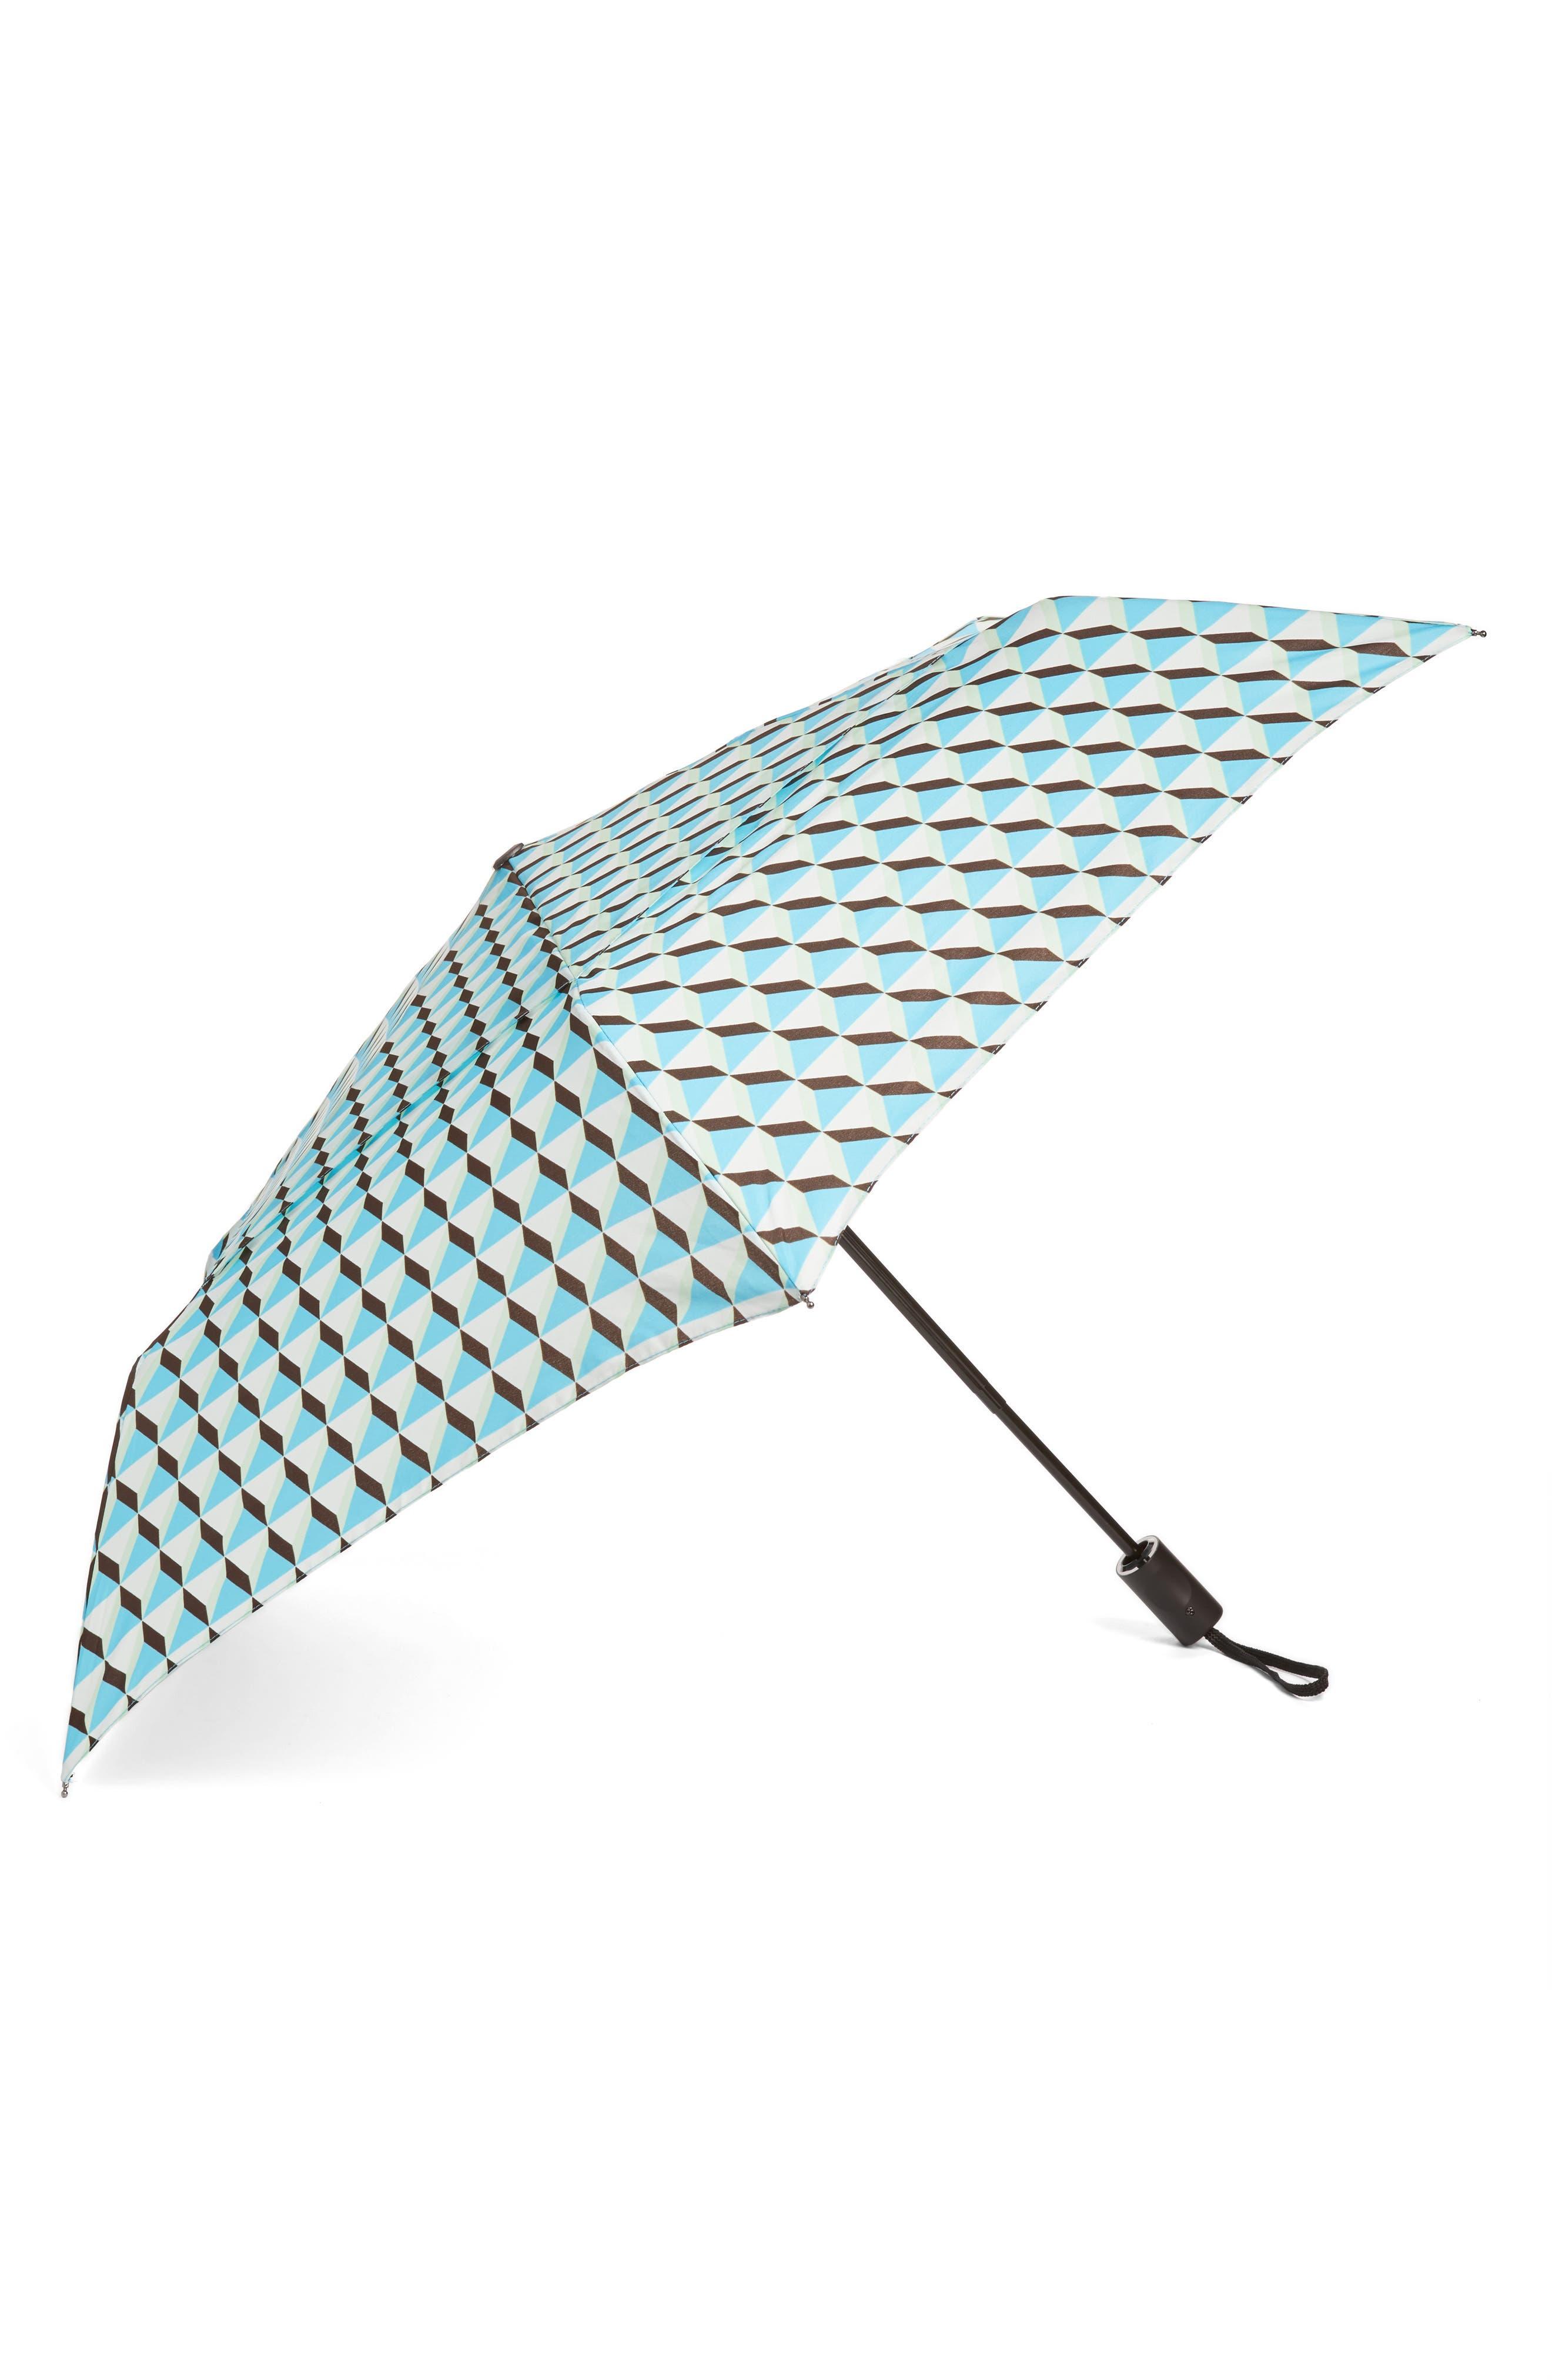 Main Image - ShedRain WindPro® Auto Open & Close Umbrella